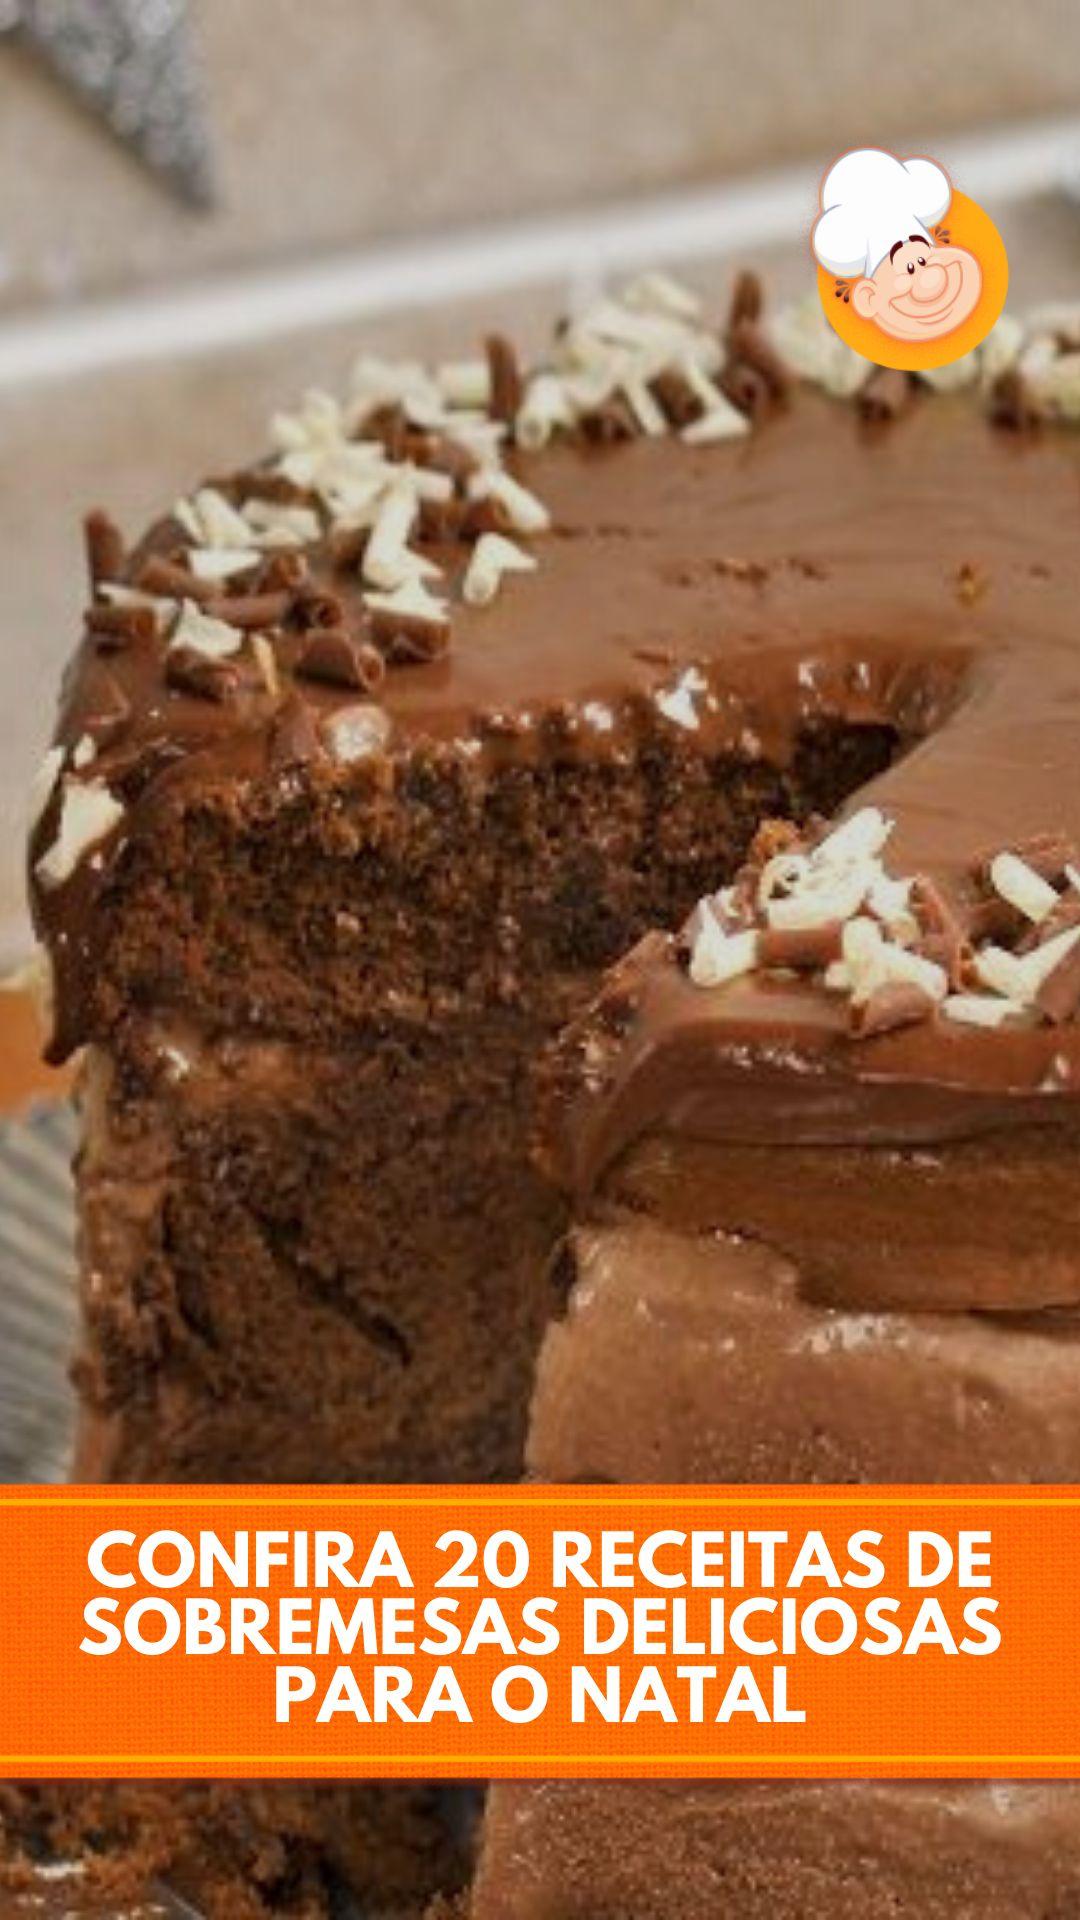 SOBREMESAS COM CHOCOLATE PARA O NATAL: 20 RECEITAS DELICIOSAS